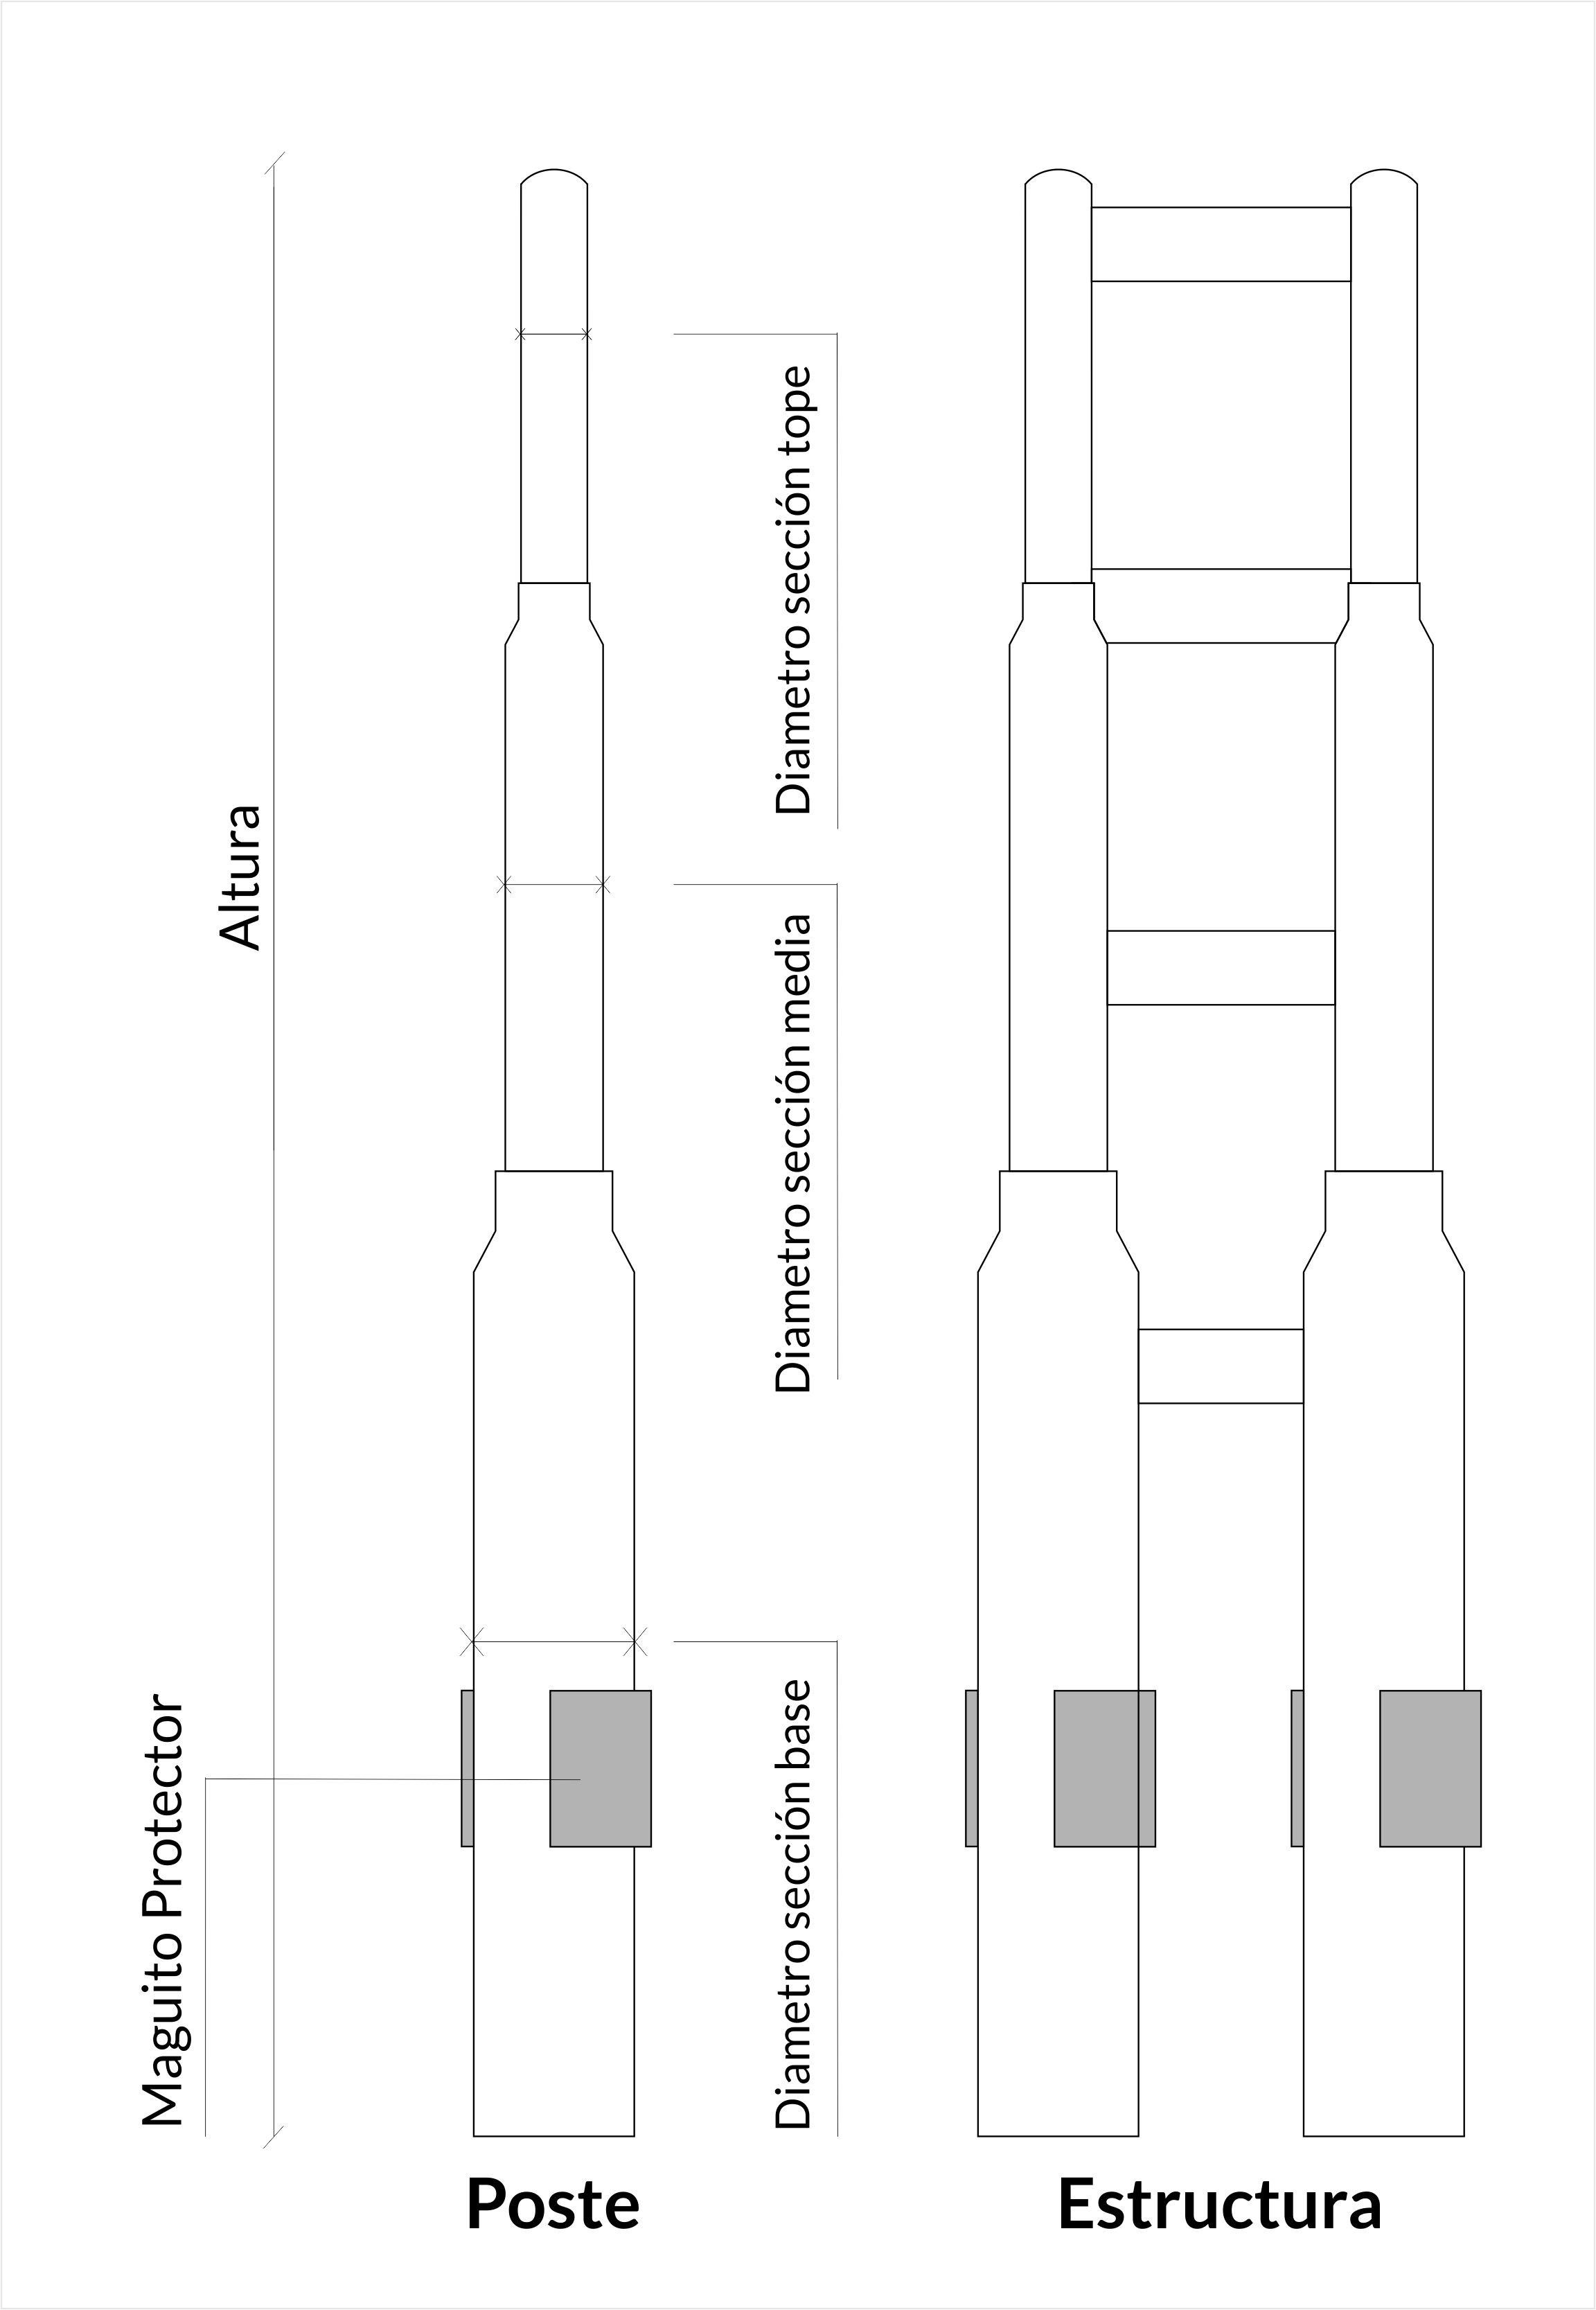 Postes Tubulares y Estructuras | Postes del Centro, C.A.